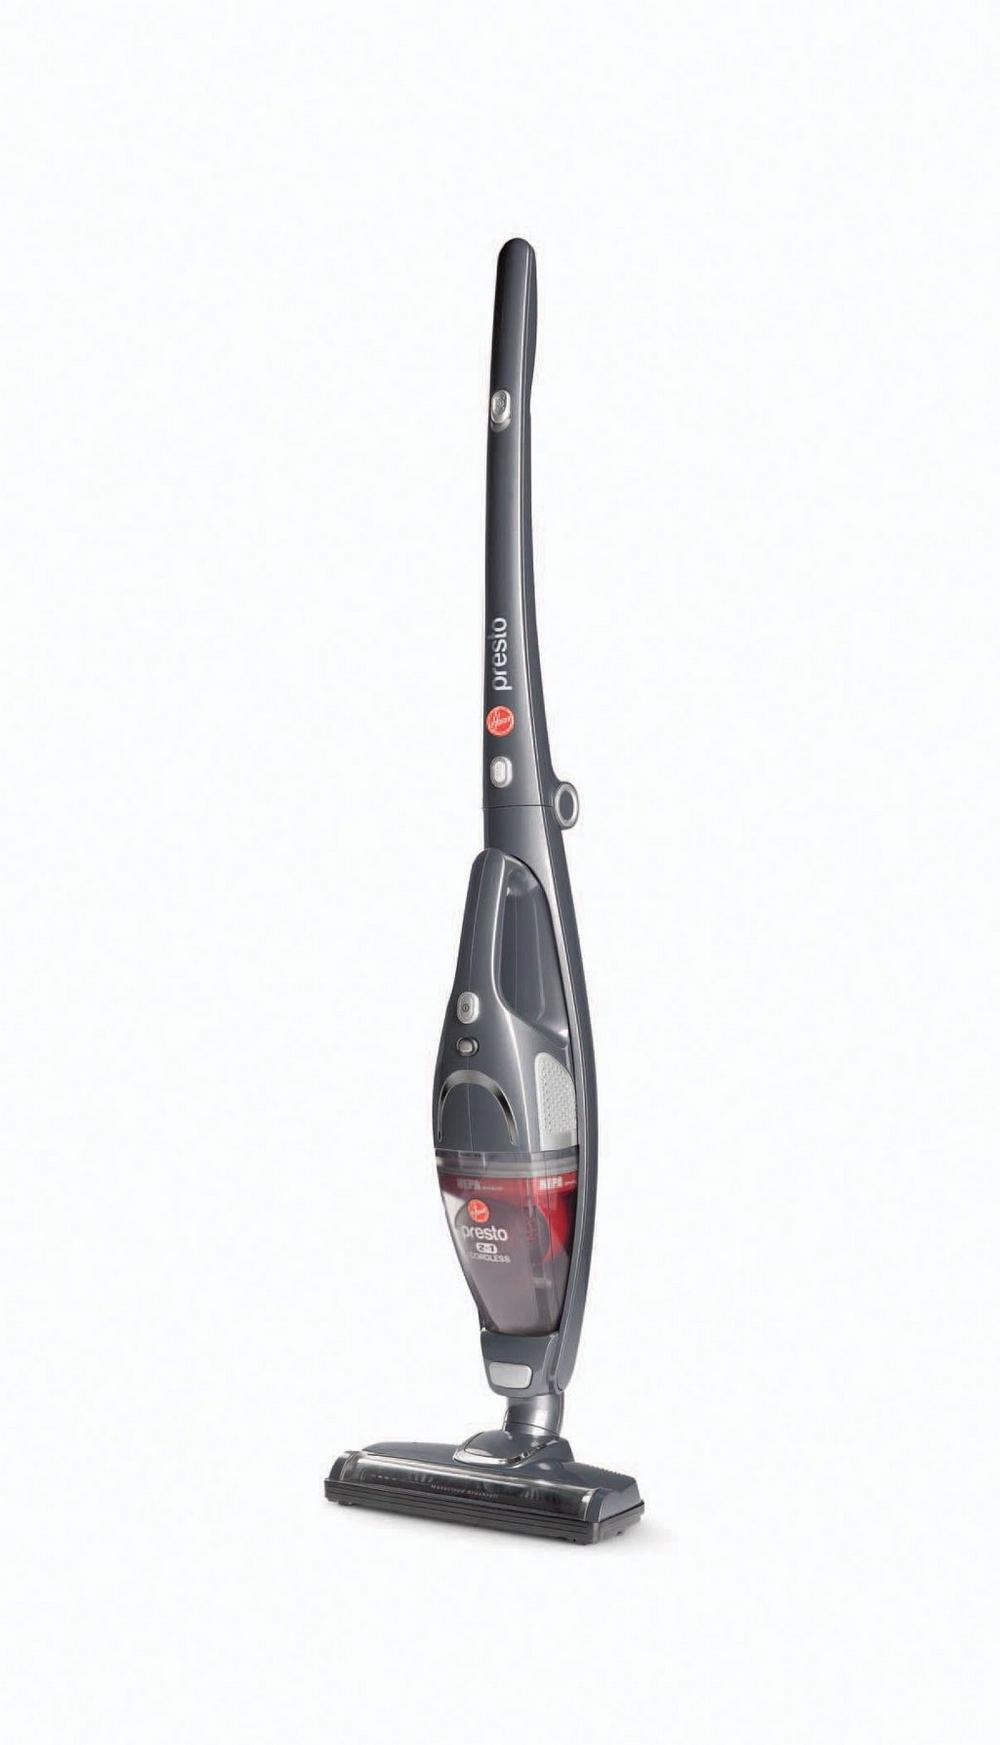 Presto™ 2-in-1 Cordless Stick Vacuum2